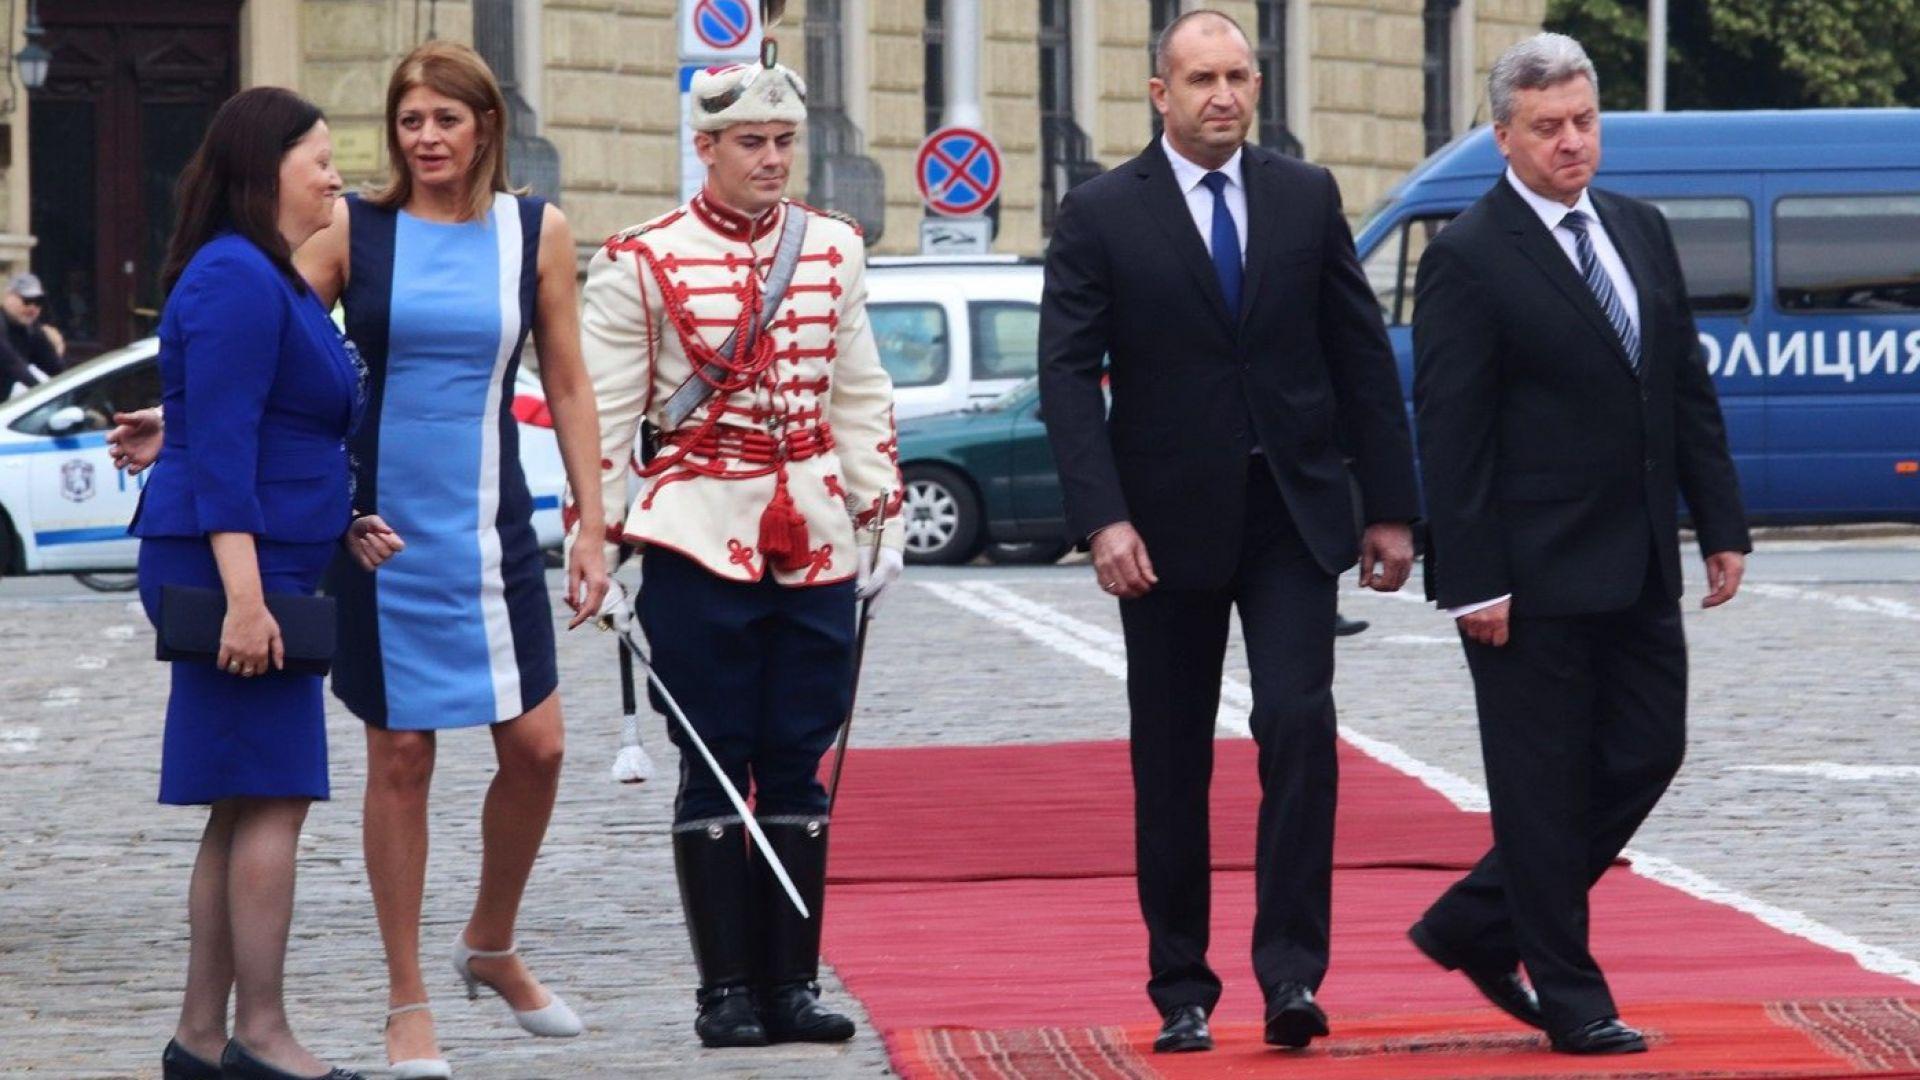 Радева посрещна първата дама на Македония в лежерно-официална рокля